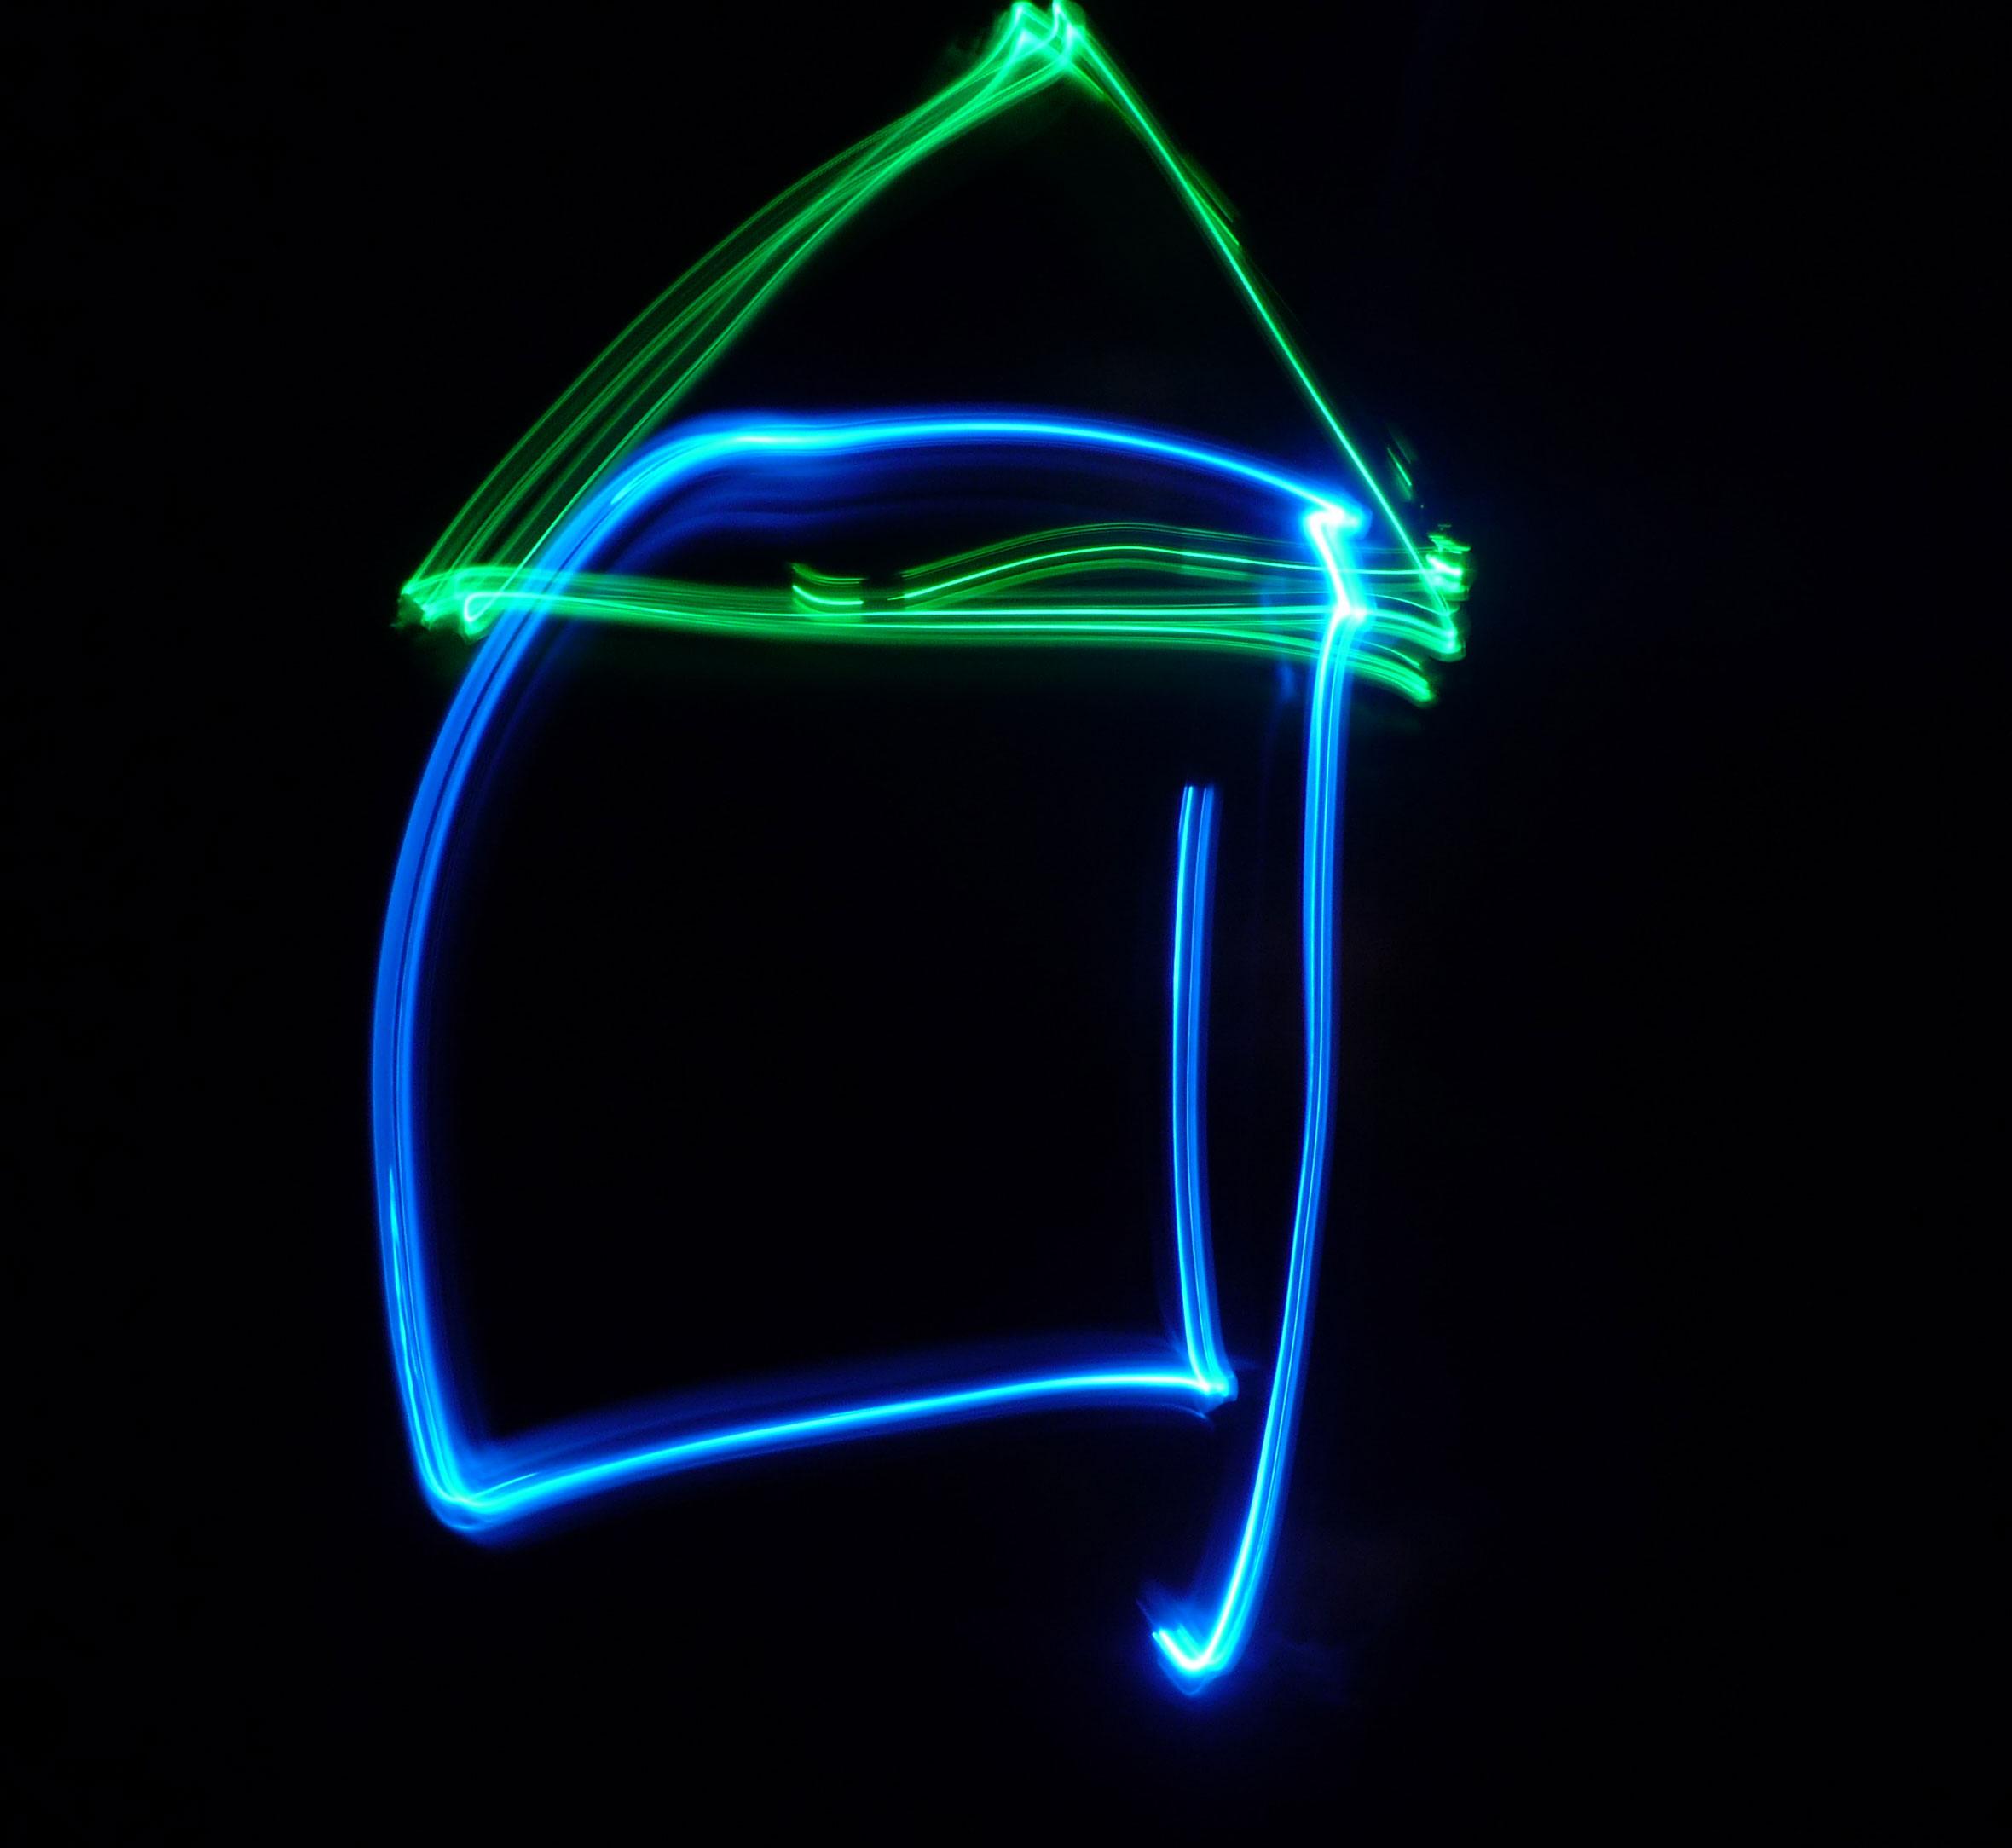 mit licht globus mit licht design with mit licht beautiful the best mit licht und steckdose. Black Bedroom Furniture Sets. Home Design Ideas